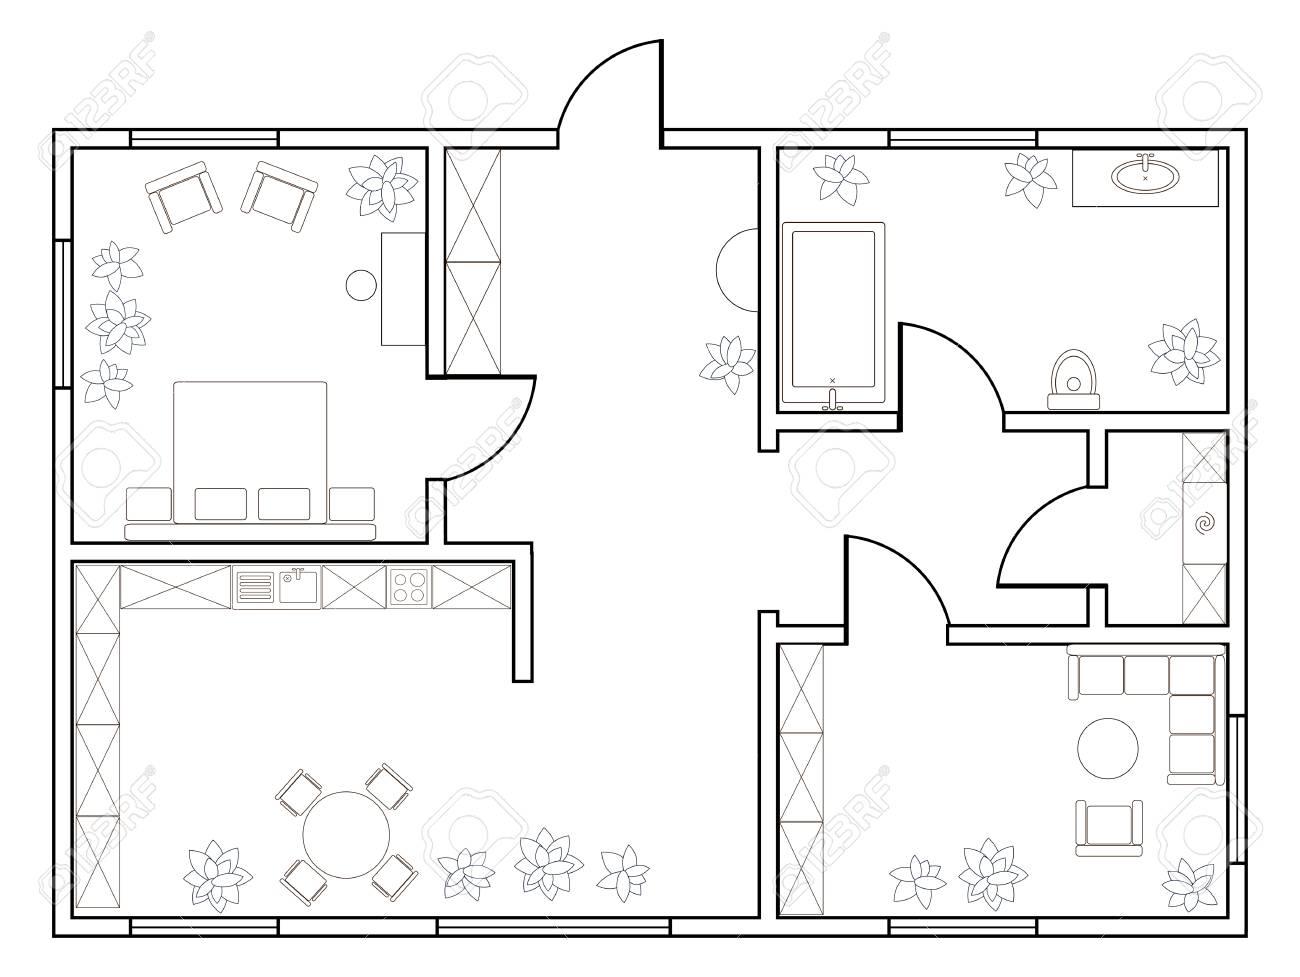 Zusammenfassung Vektor-Plan Der Ein-Zimmer-Wohnung Mit Küche, Bad ...